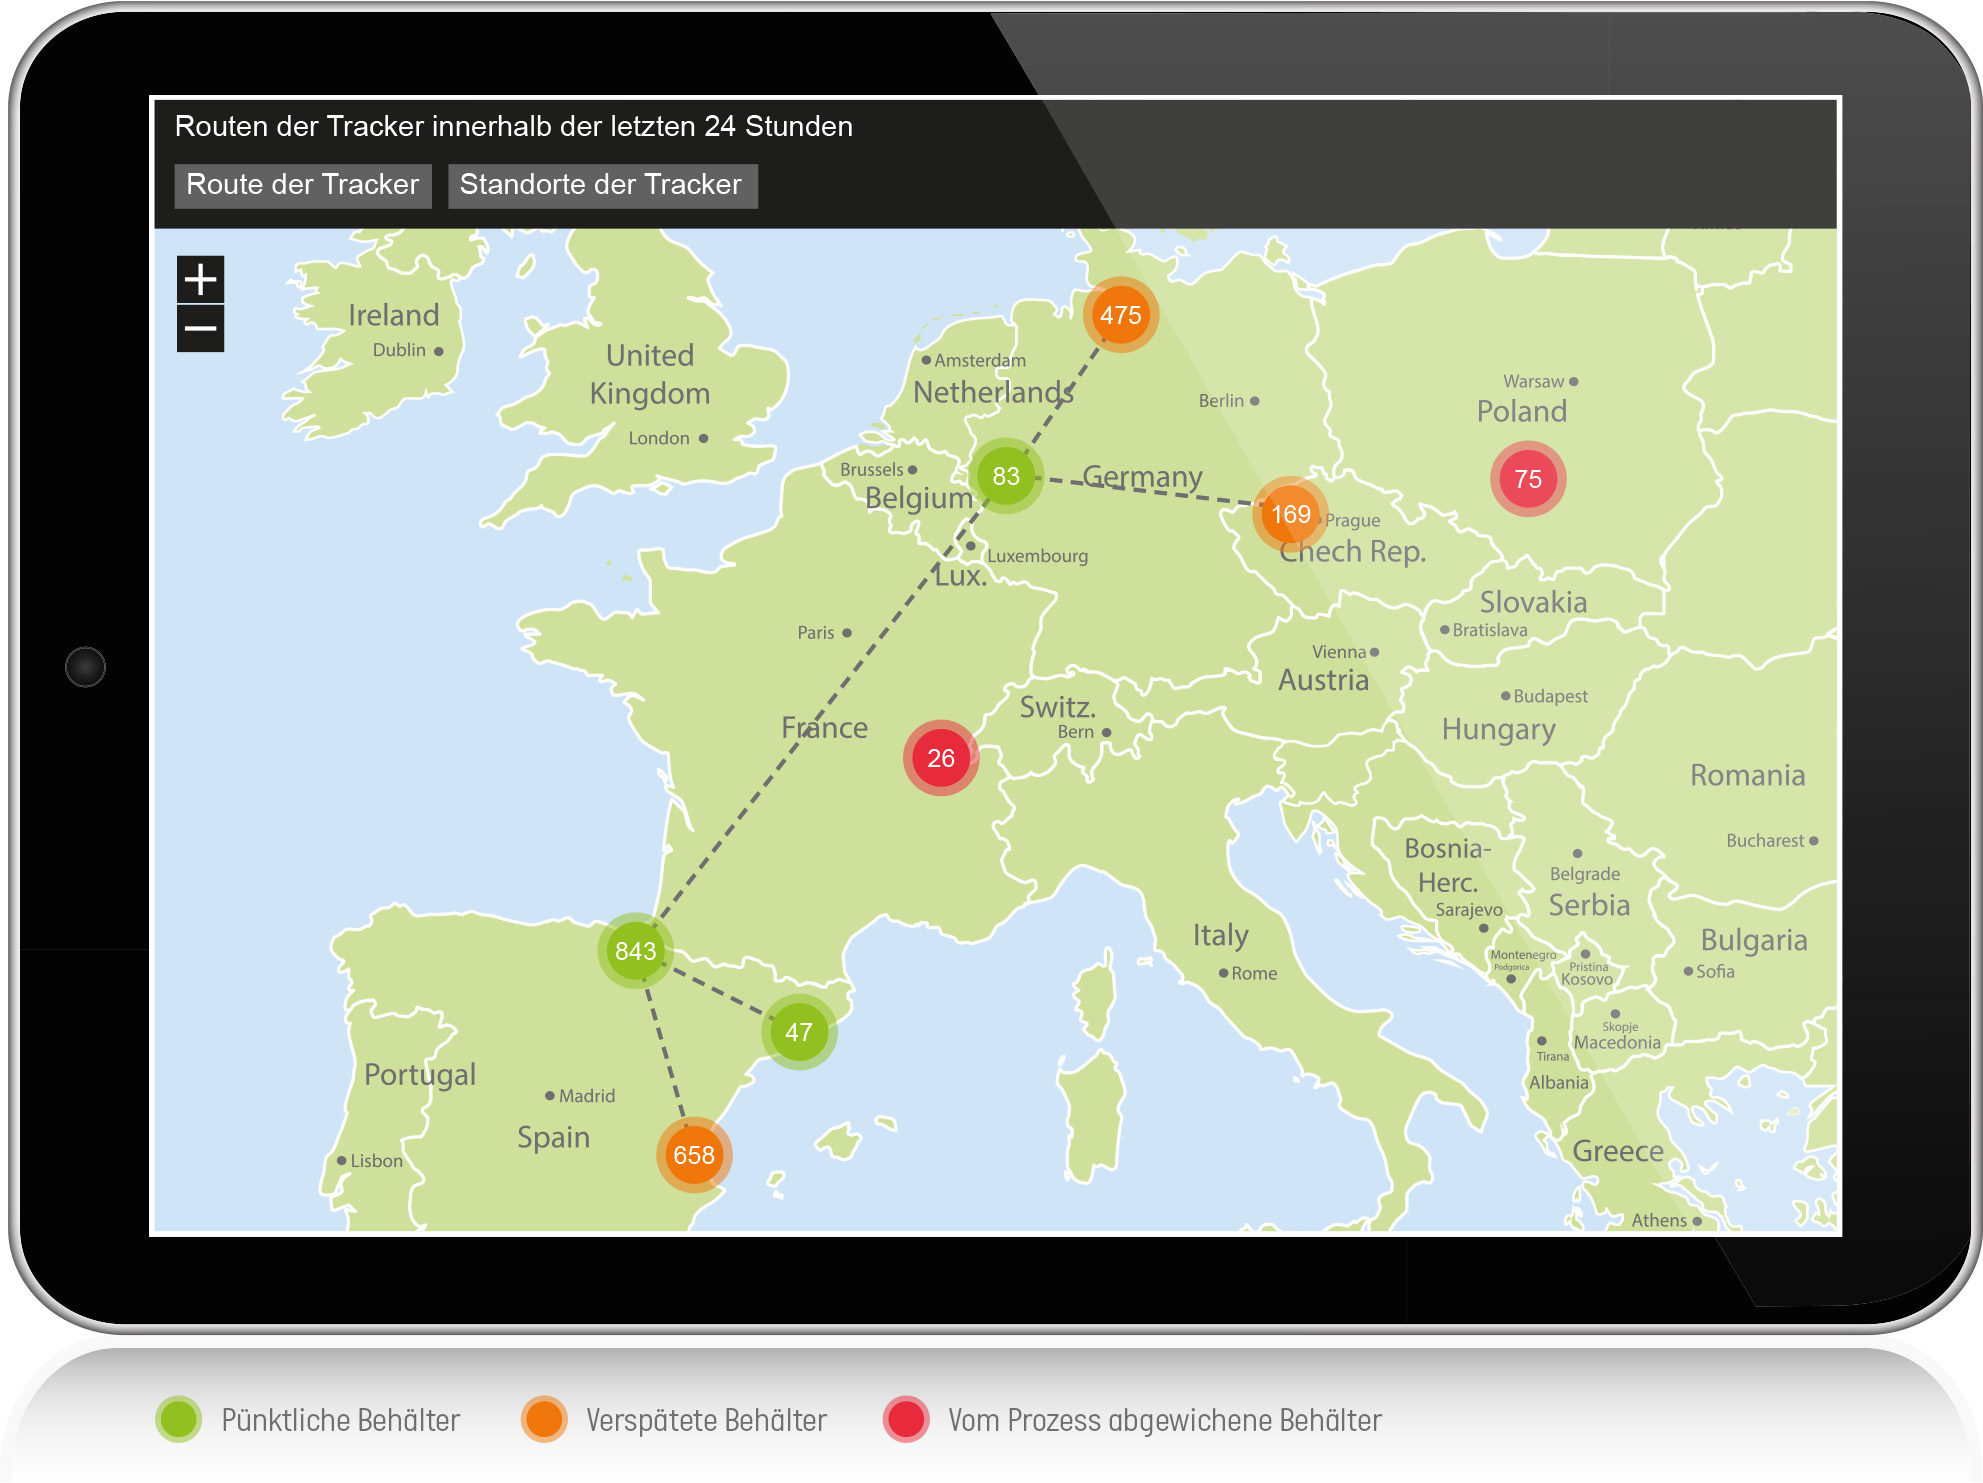 Route und Standorte der Tracker am Beispiel der Automobilproduktion. (Bild: Computacenter AG &Co. oHG)